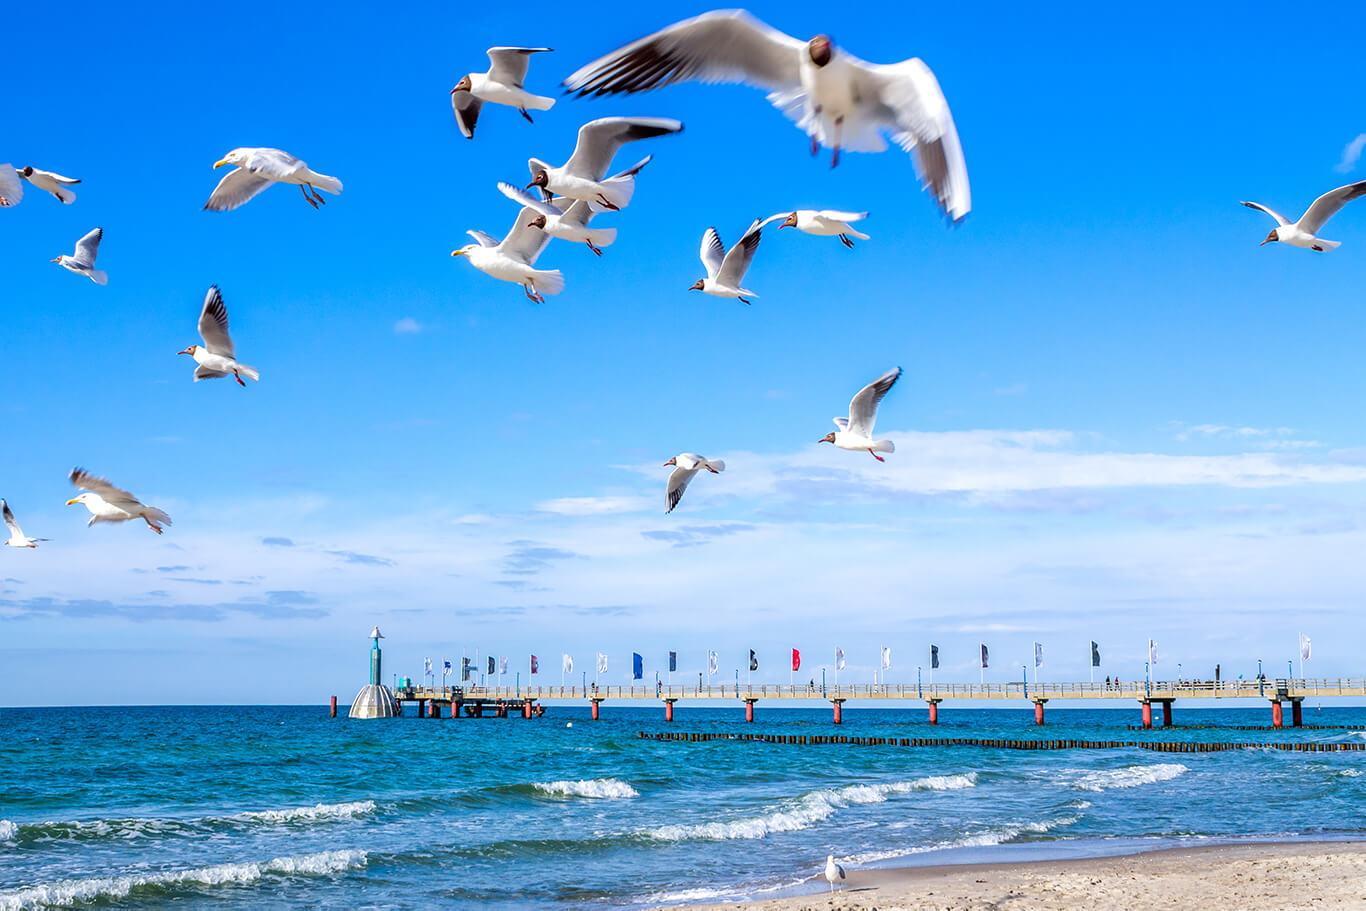 Fl ge an die ostsee g nstig buchen flug preisvergleich for Ostsee urlaub billig